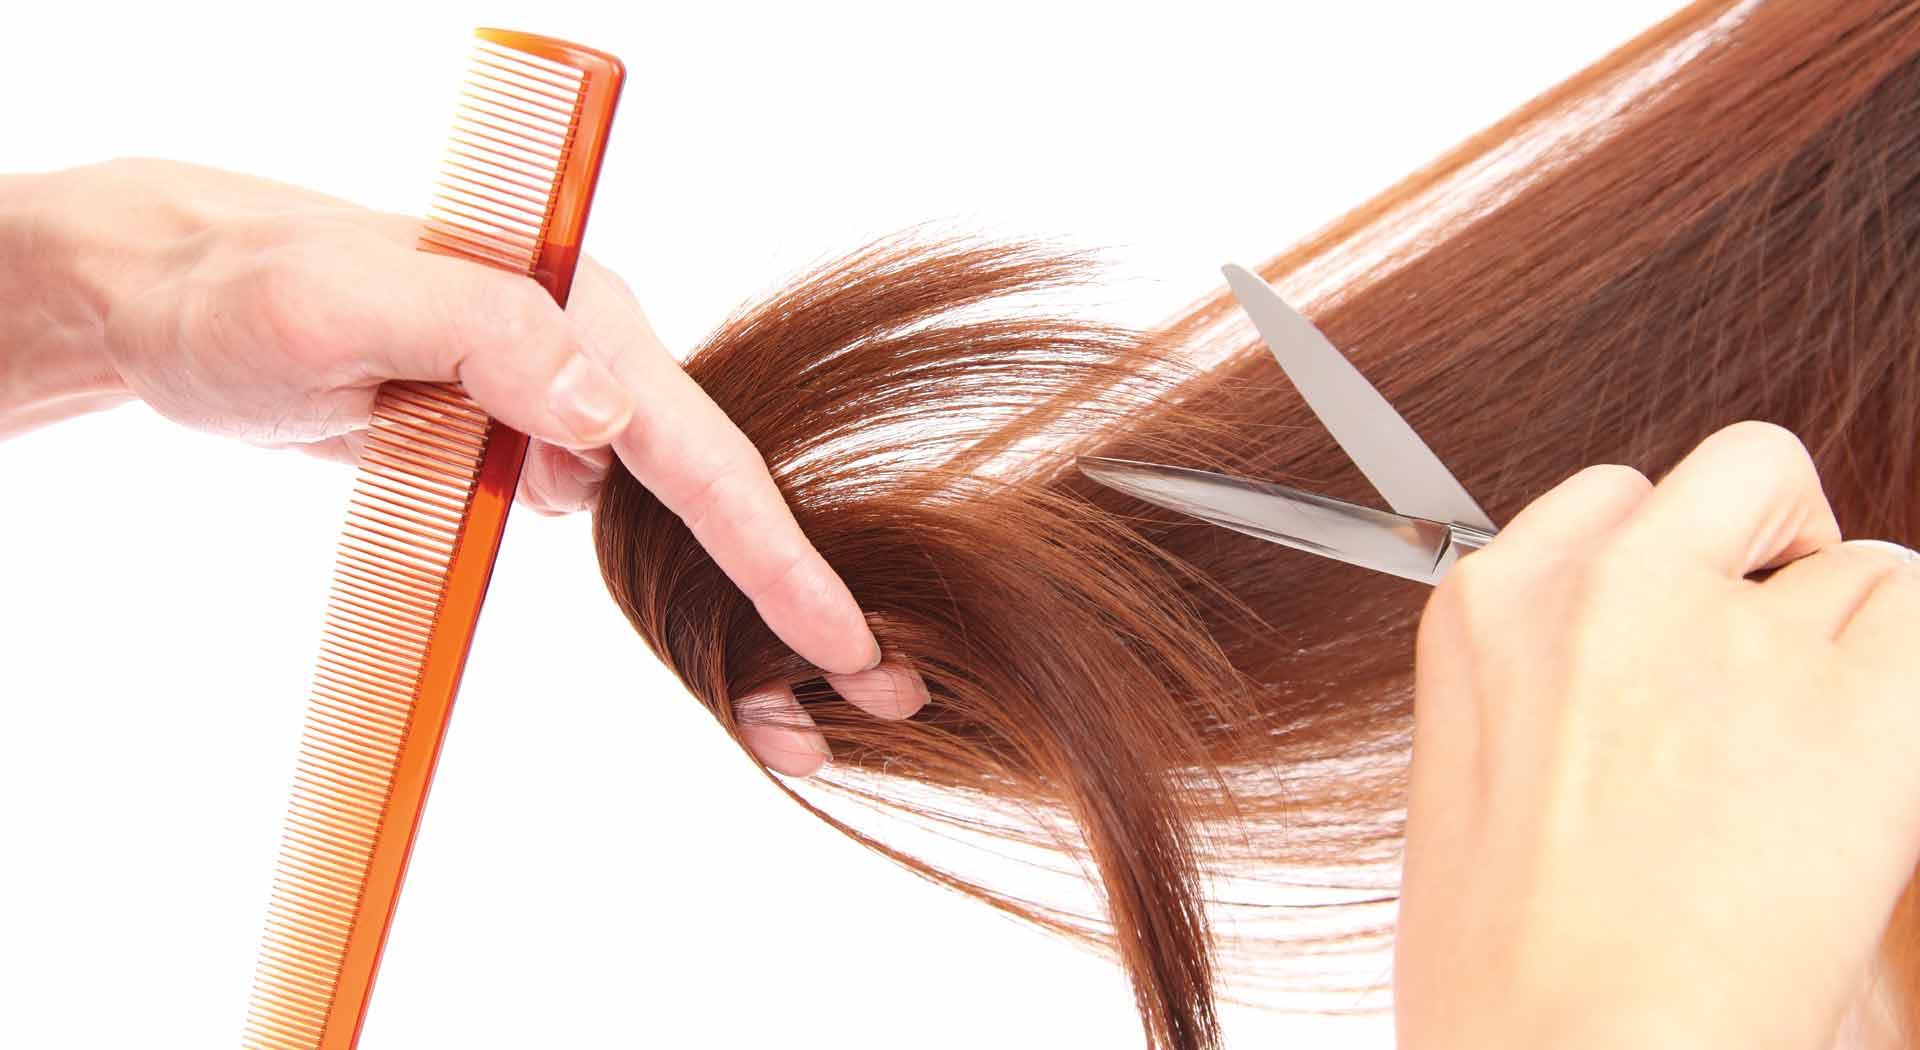 Секущиеся волосы Расслаивание и ломкость волос Почему